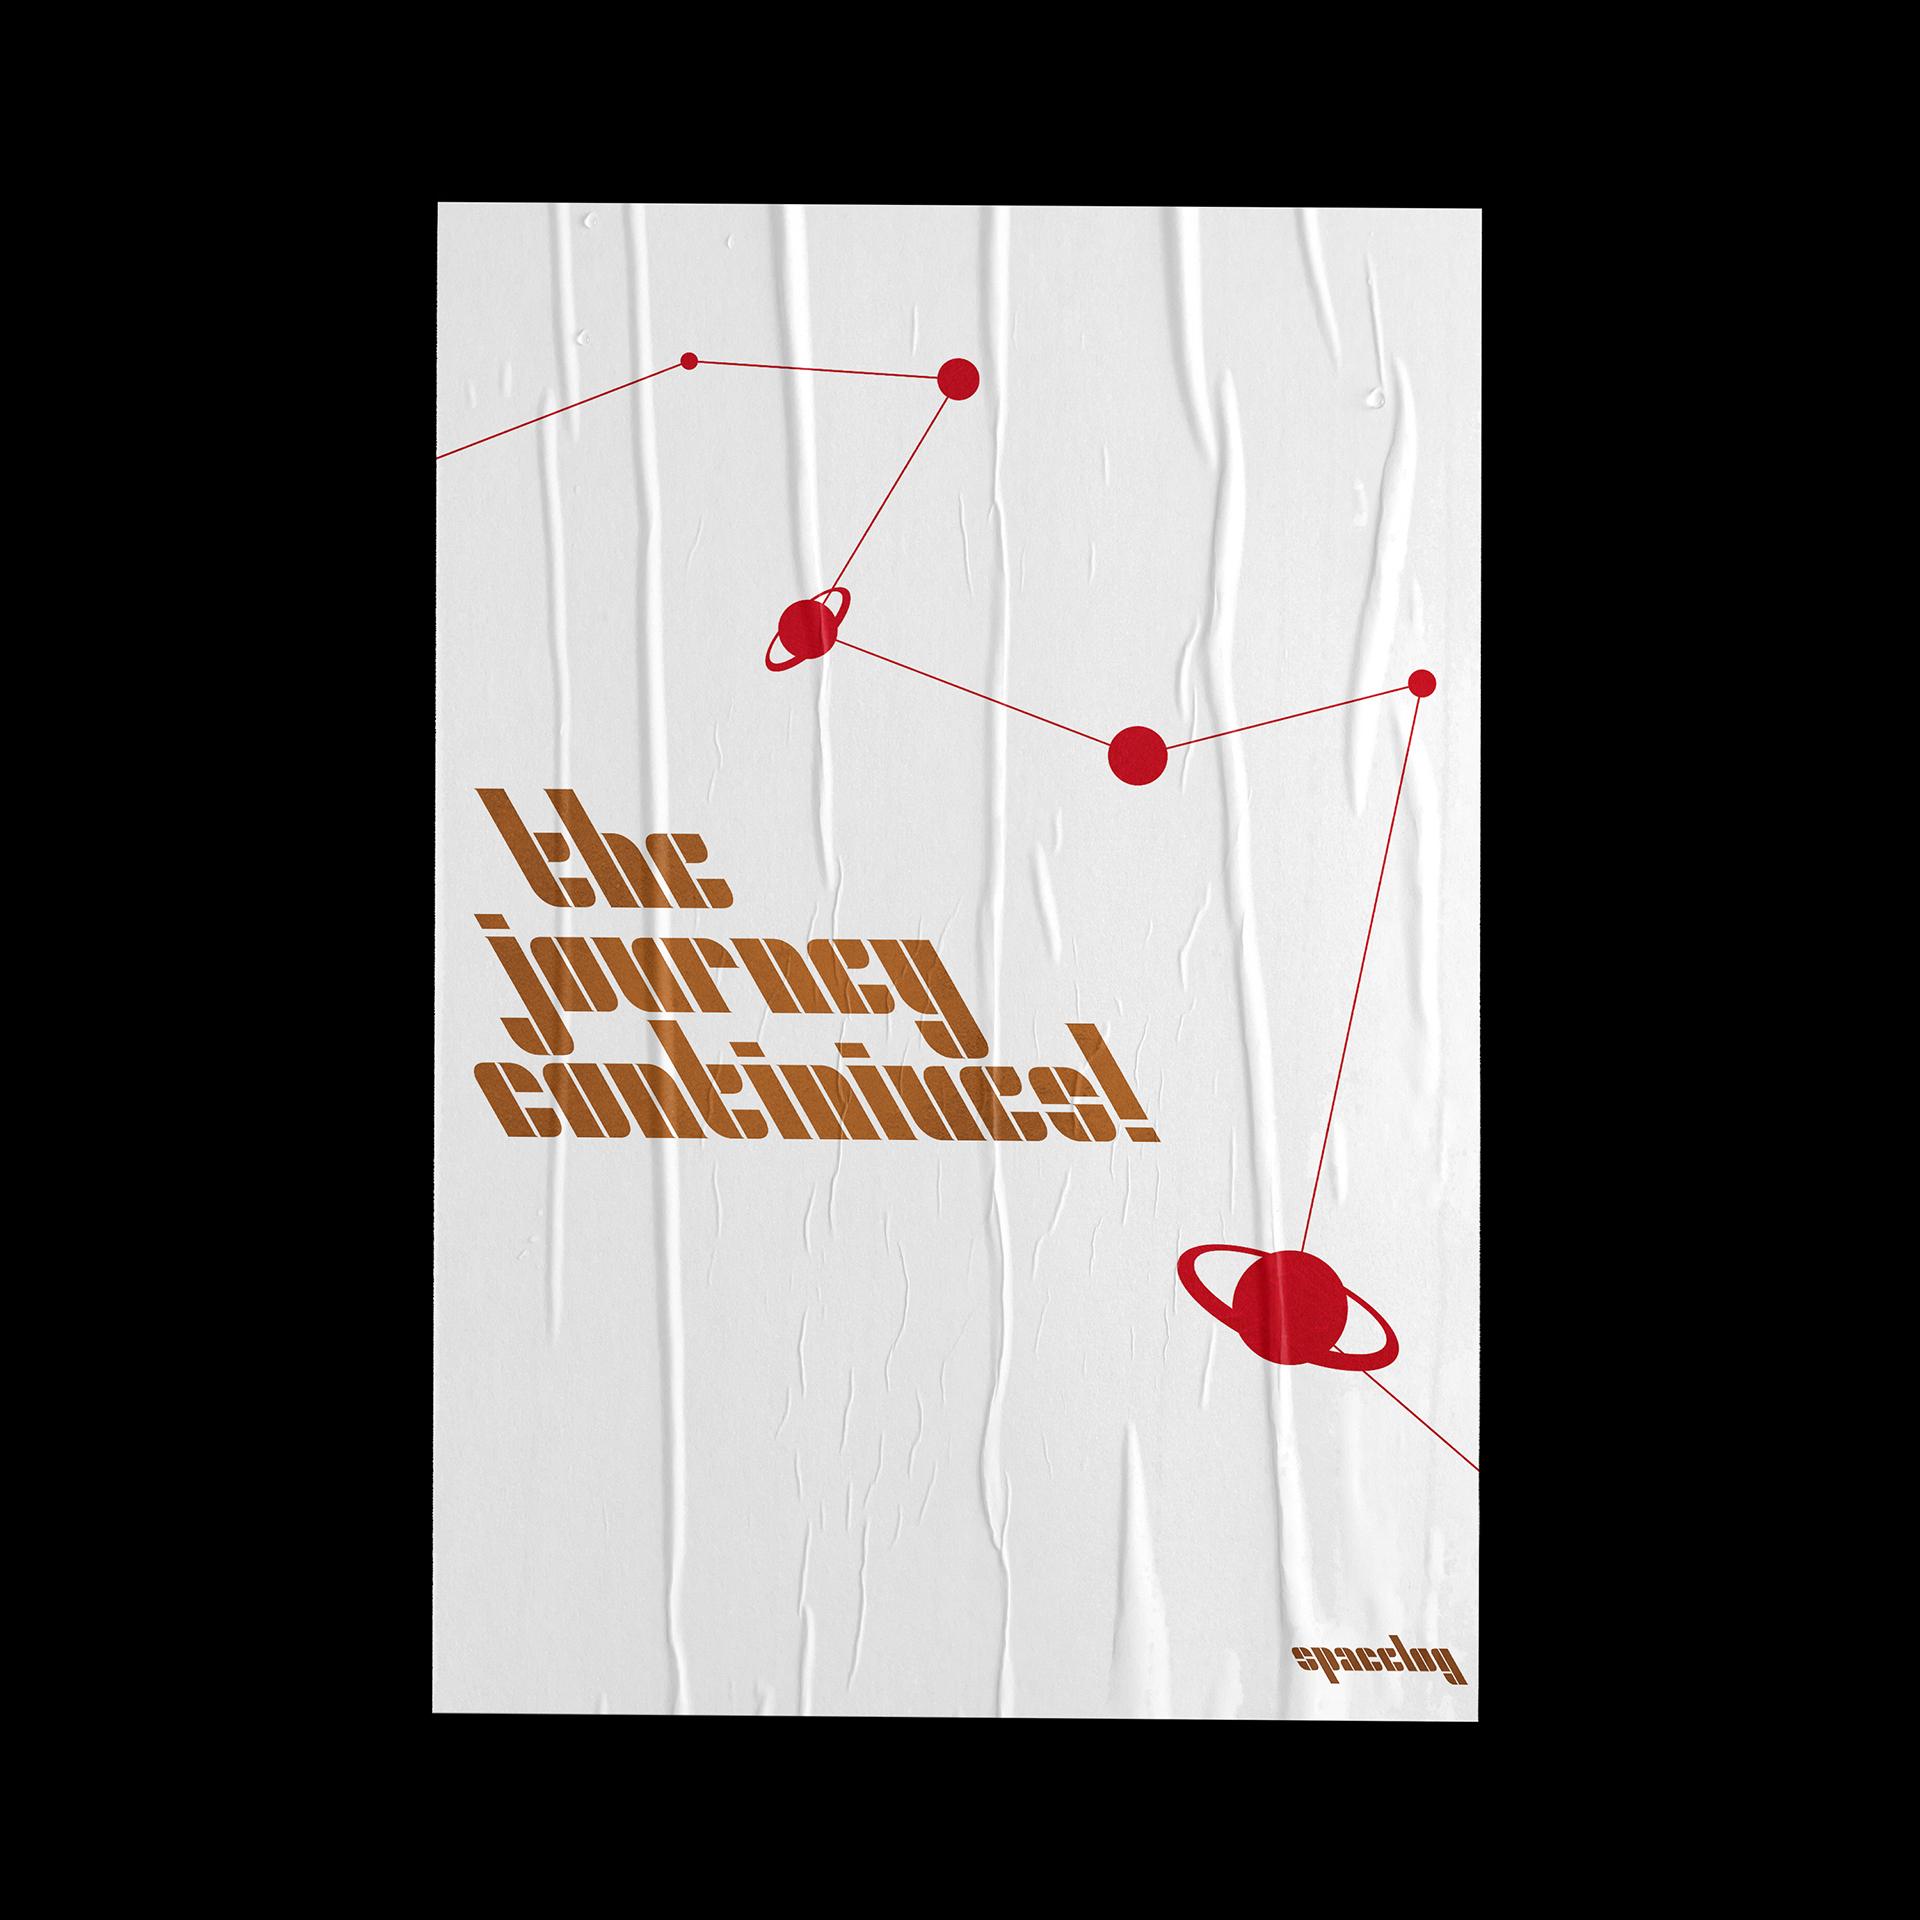 200308_Spacelog_Poster_MockUp_02